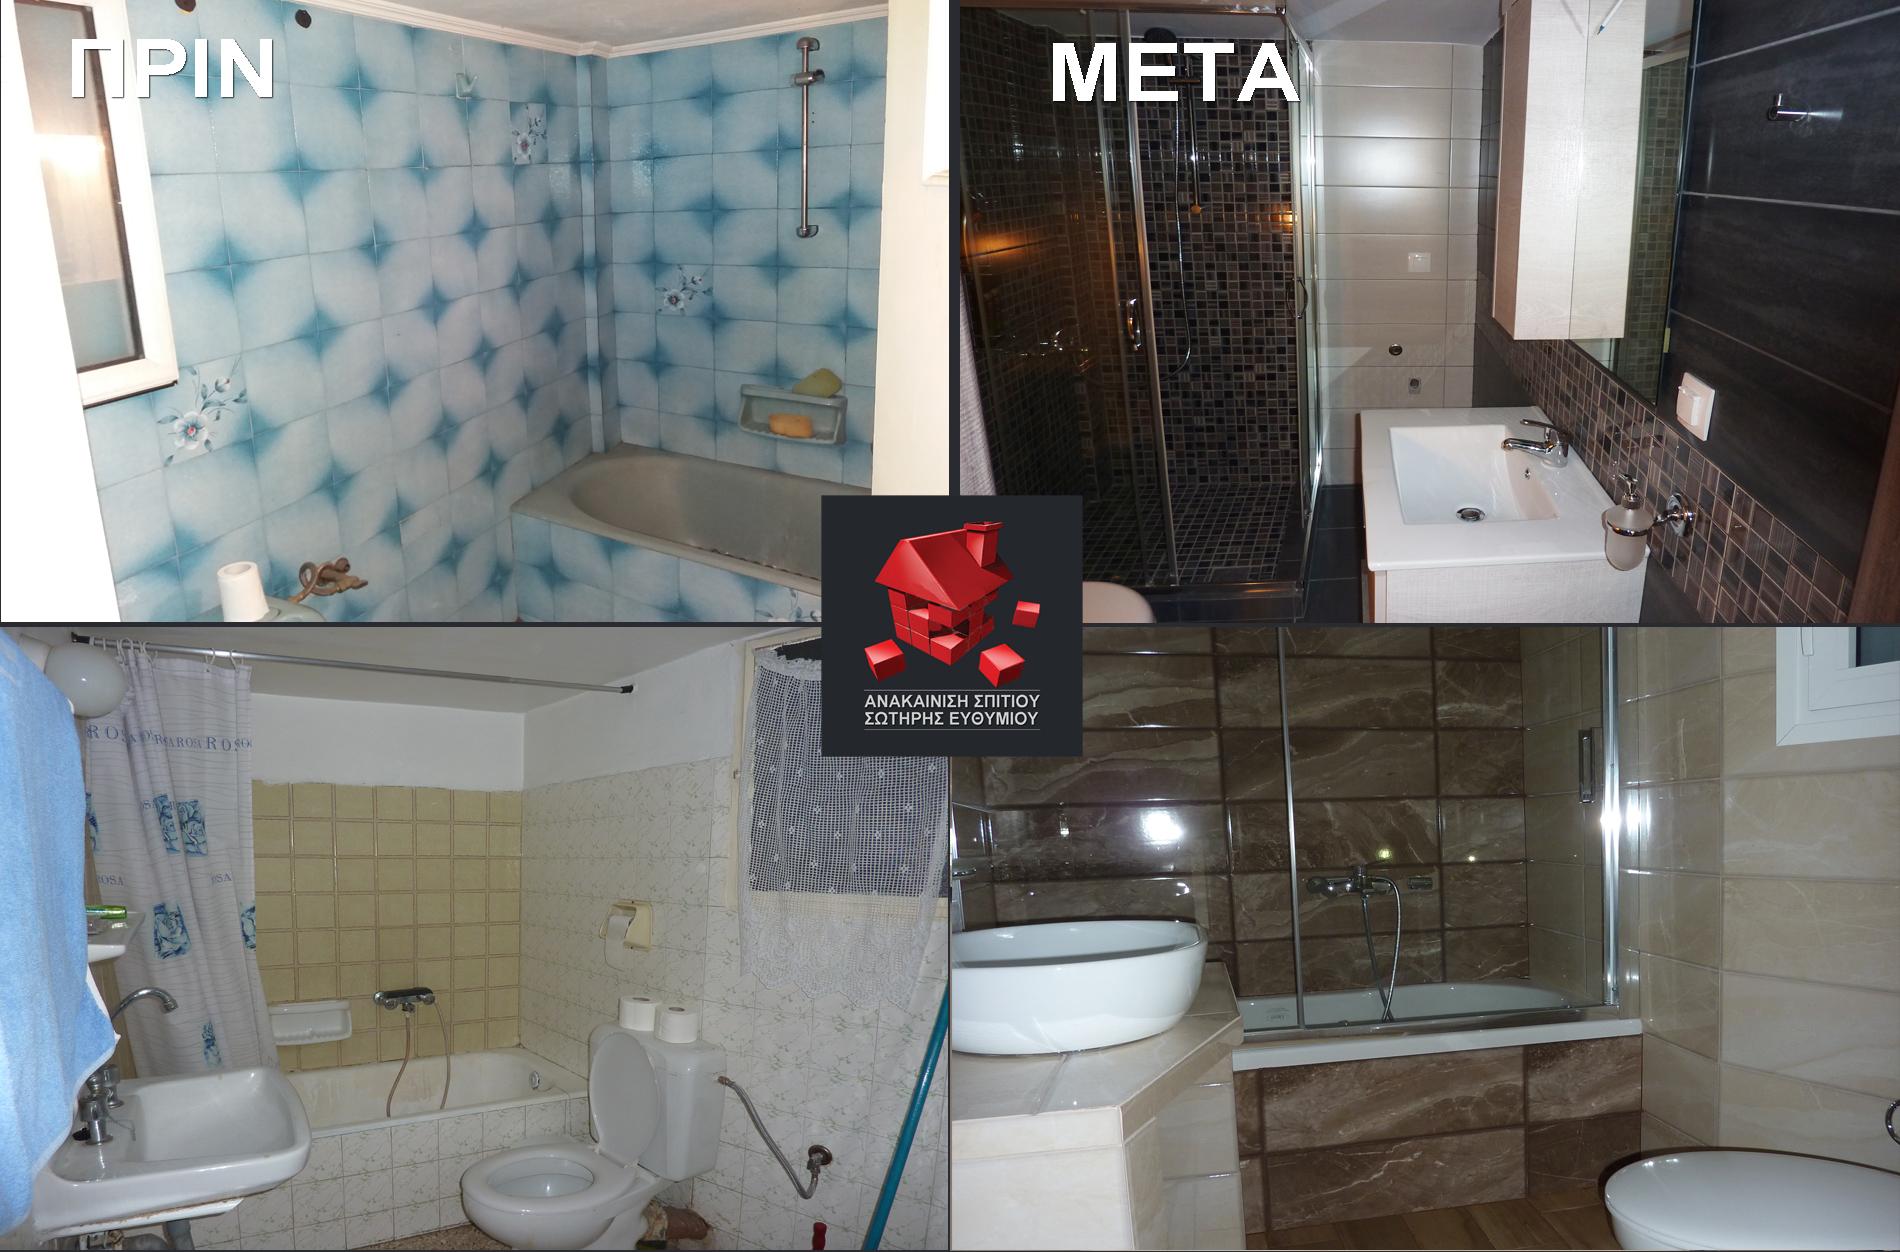 Ανακαίνιση μπάνιου πριν και μετά 02